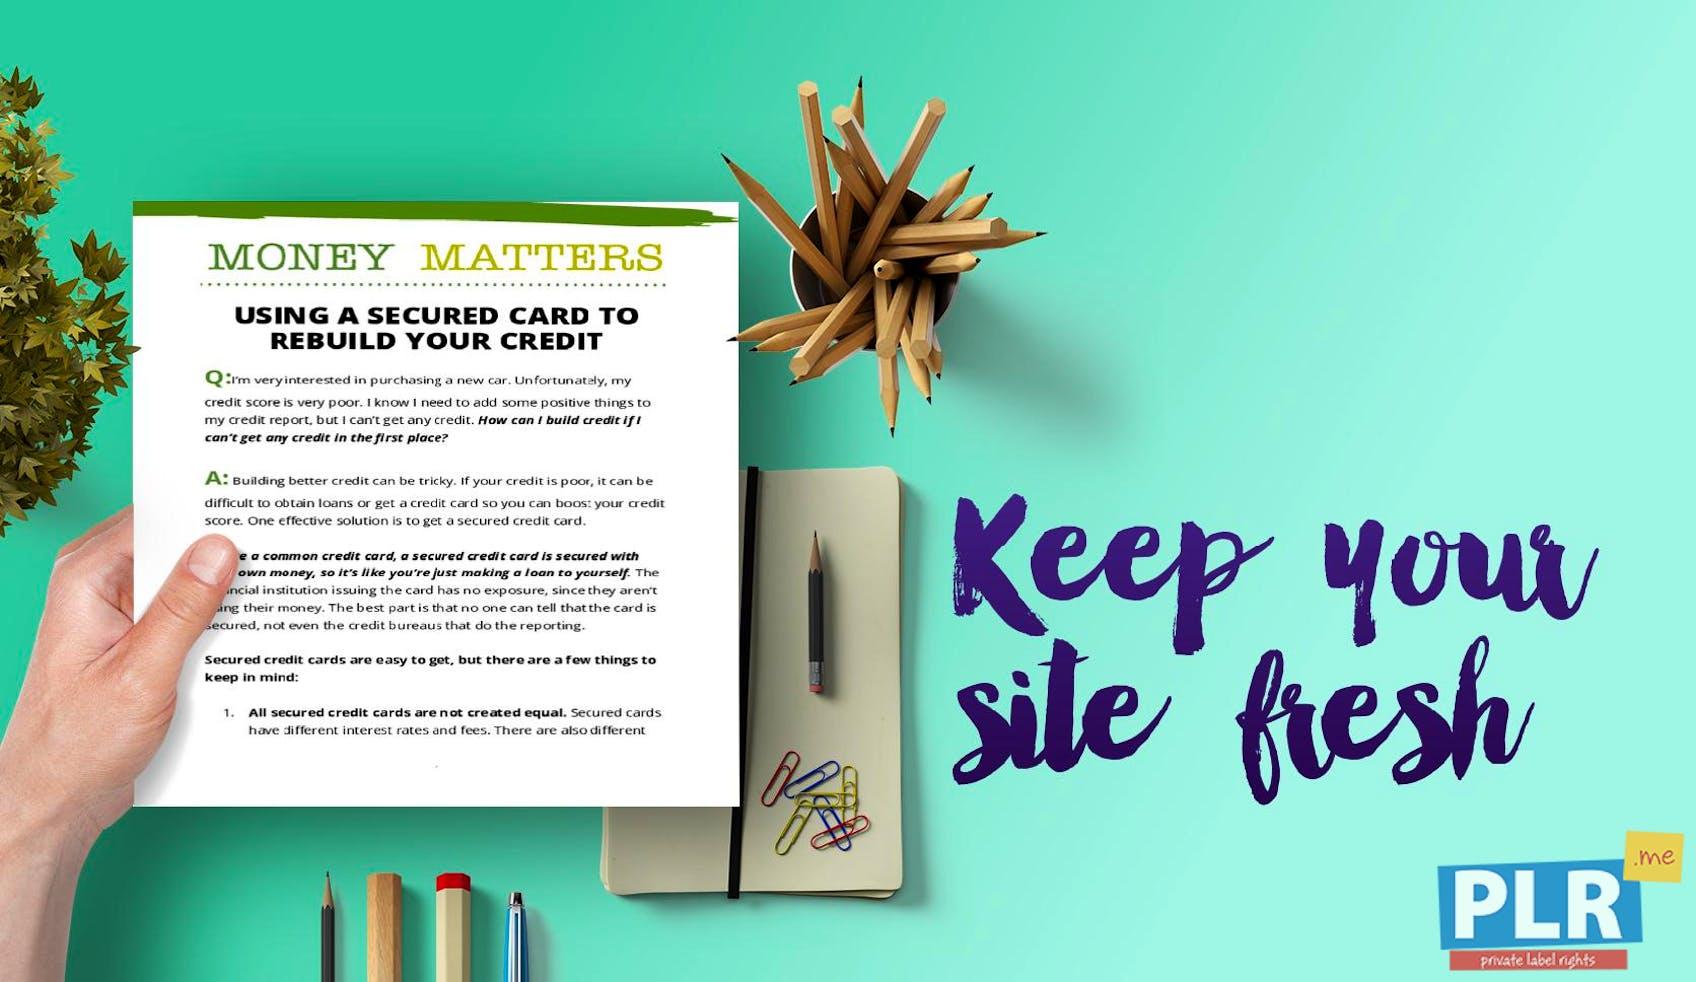 Money Matters Secured Card Rebuilding Credit